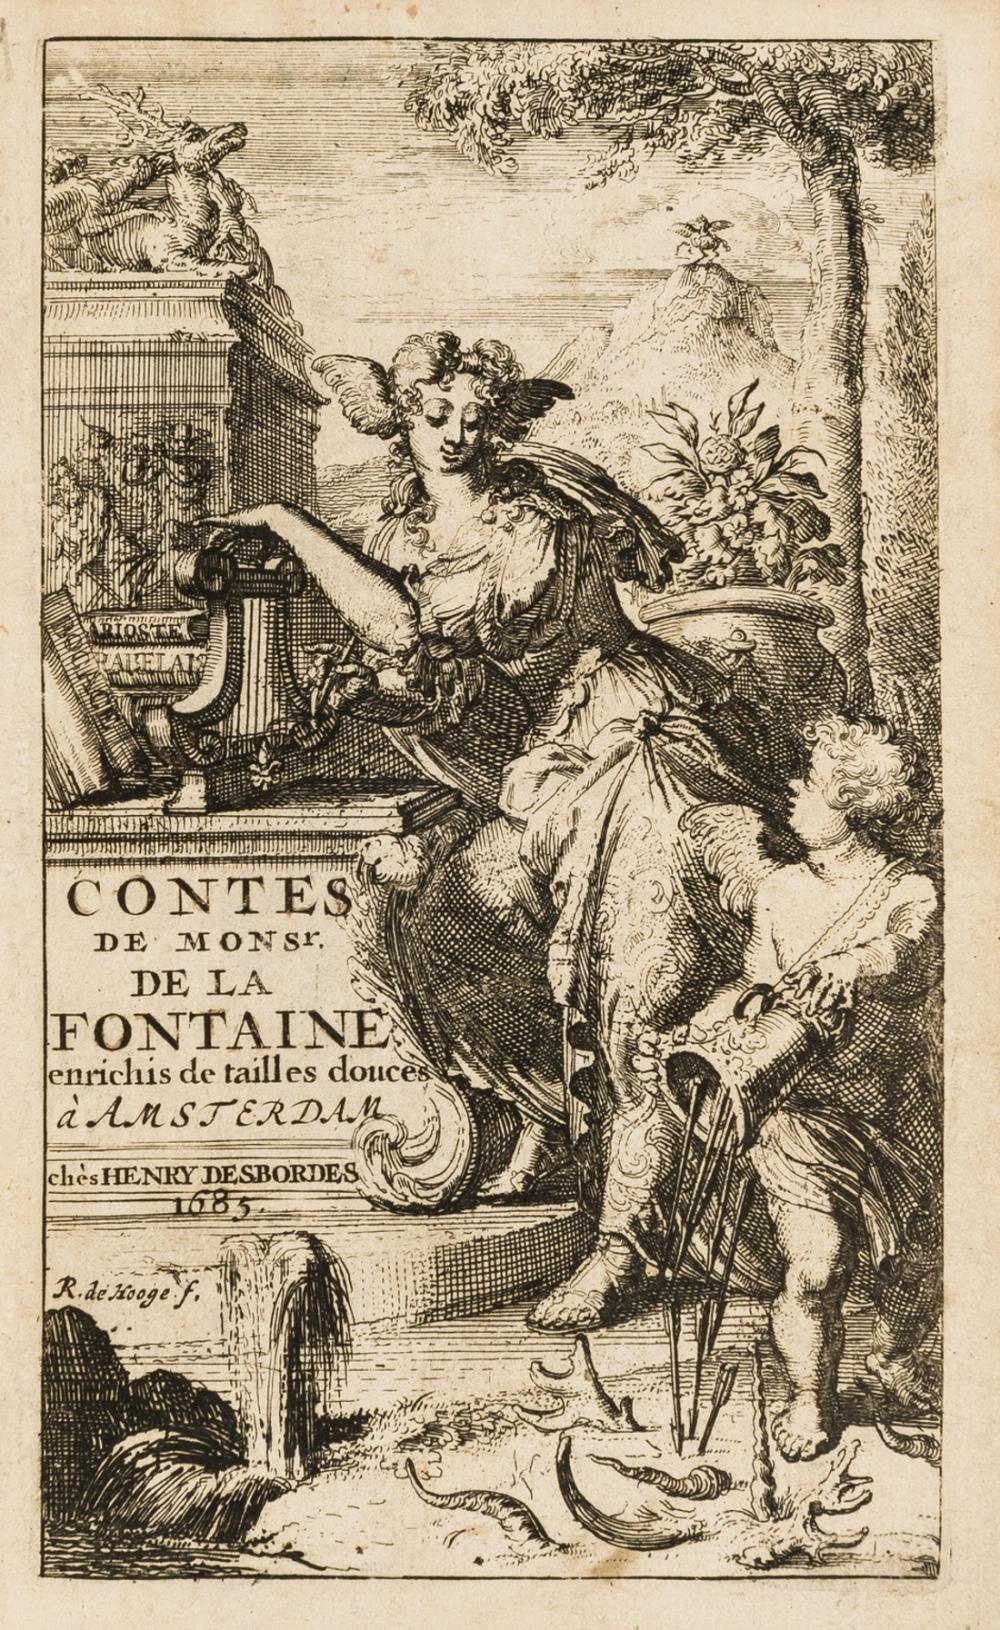 La Fontaine (Jean de) Contes et Nouvelles en Vers, 2 vol. in 1, first illustrated edition, Amsterdam, chez Henry Desbordes, 1685.